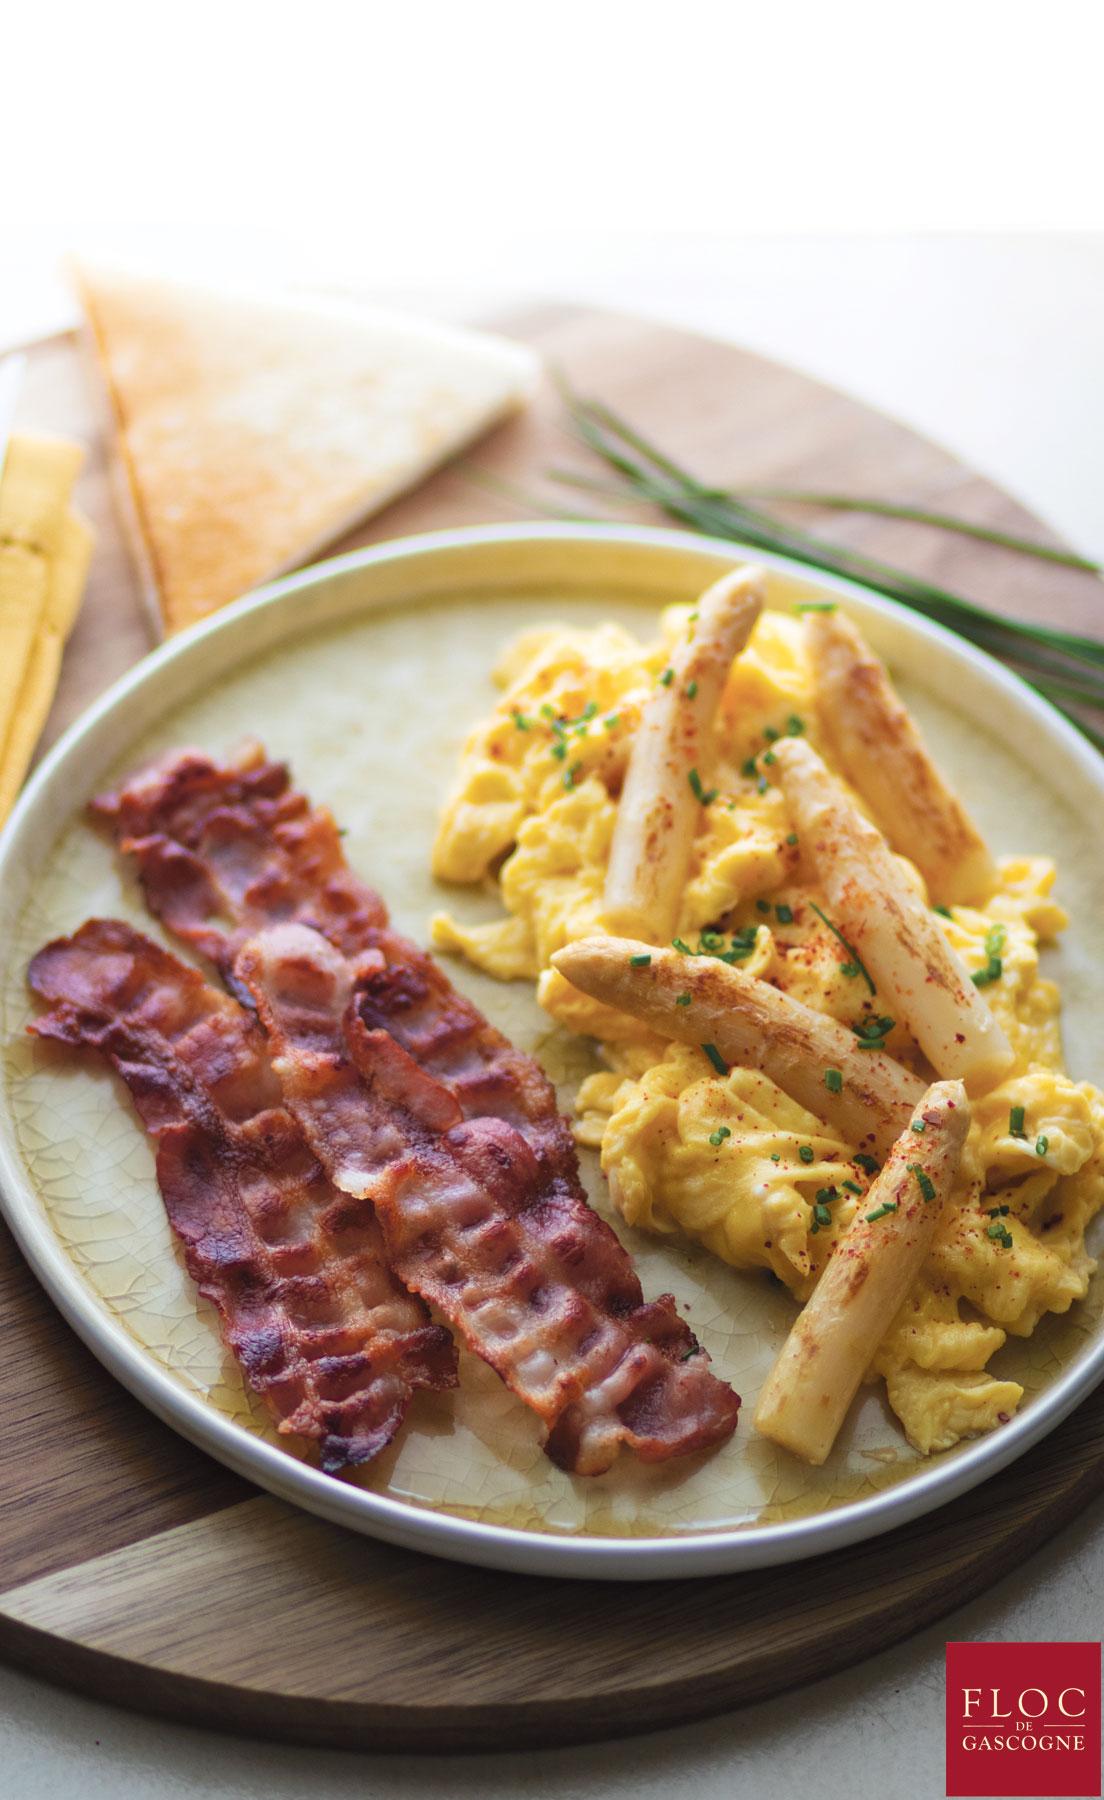 Brunch Gascon : bacon grillé au Floc-de-Gascogne et omelette flambée au Floc-de-Gascogne